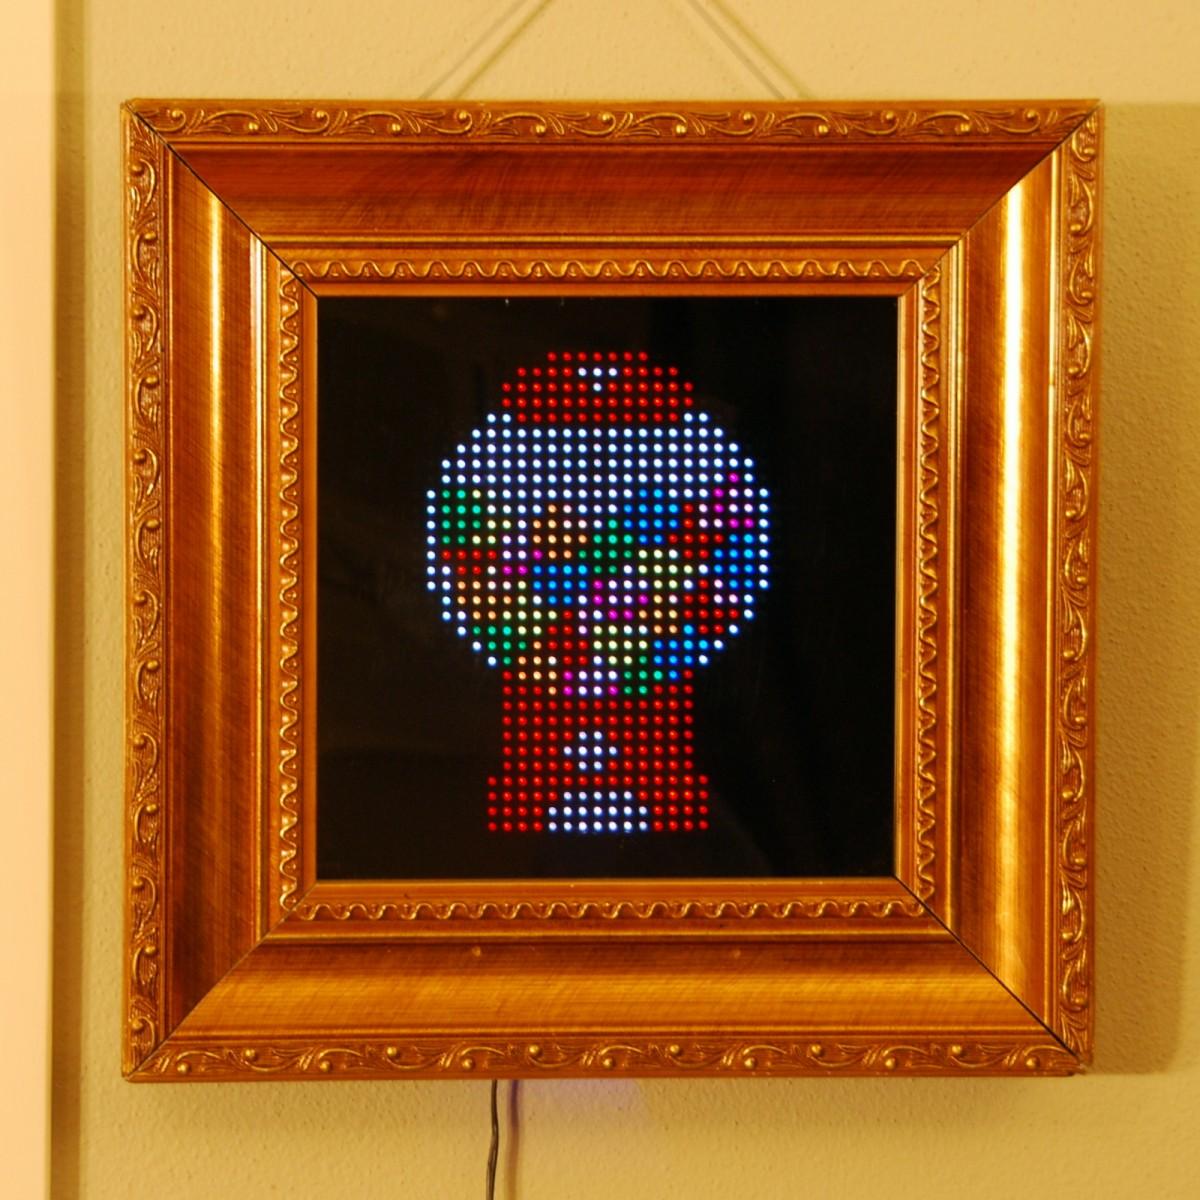 Pixel: Bewegte 8-Bit-Kunst zum An-die-Wand-Hängen - Pixel - 32-x-32-LEDs bringen pixelige Grafiken und Animationen zur Geltung. (Bild: Al Linke)